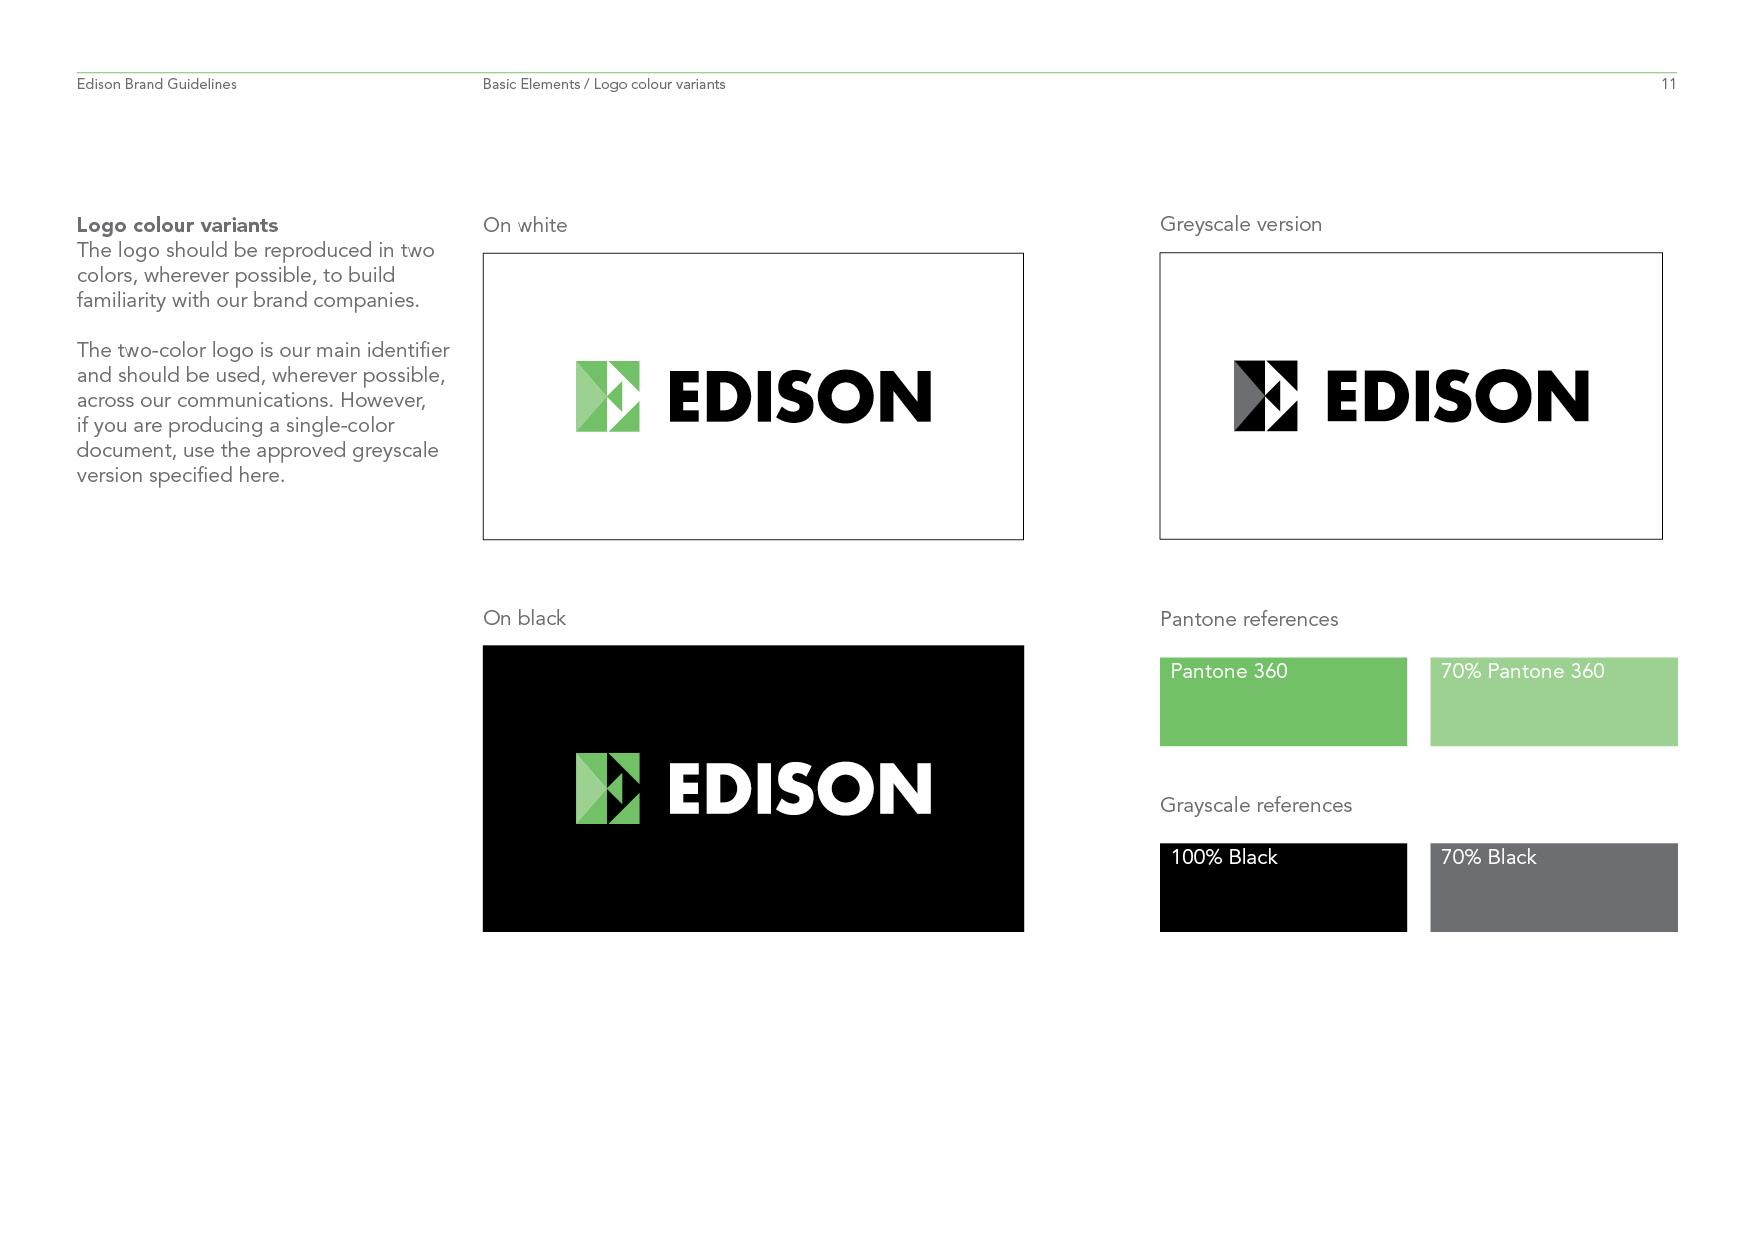 Edison_Brand_Guidelines_19111211.jpg